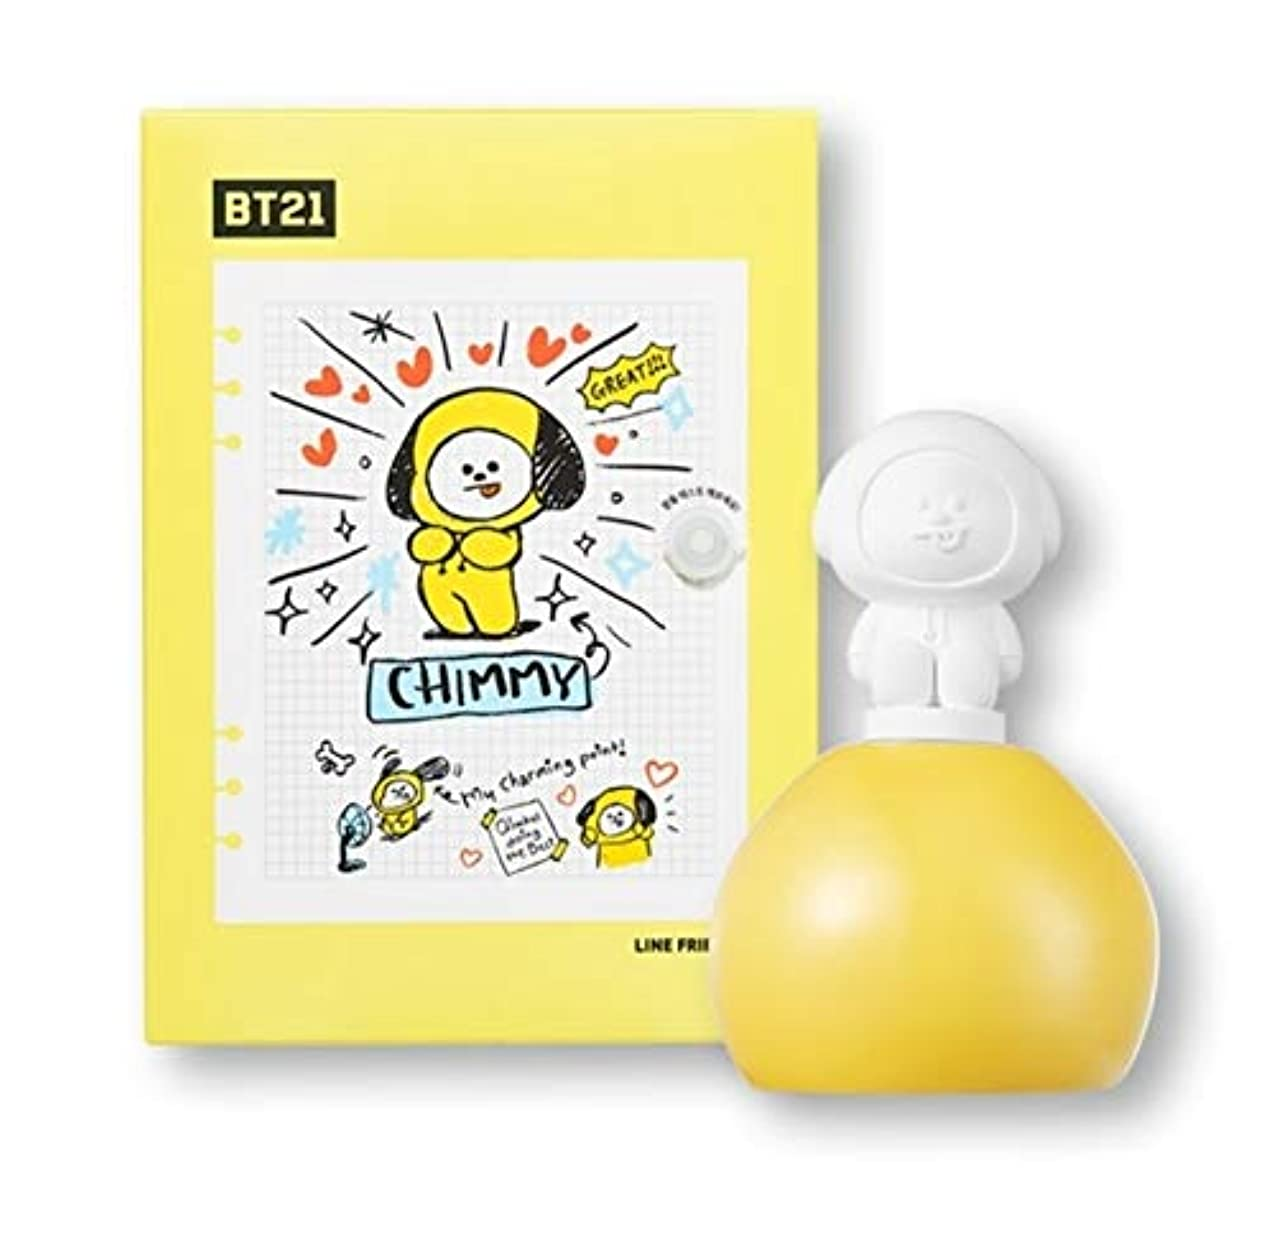 保護安らぎれるBT21 CHIMMY アロマディフューザー 柚子レモンの香り 芳香剤 防弾少年団 BTS チミー オリーブヤング